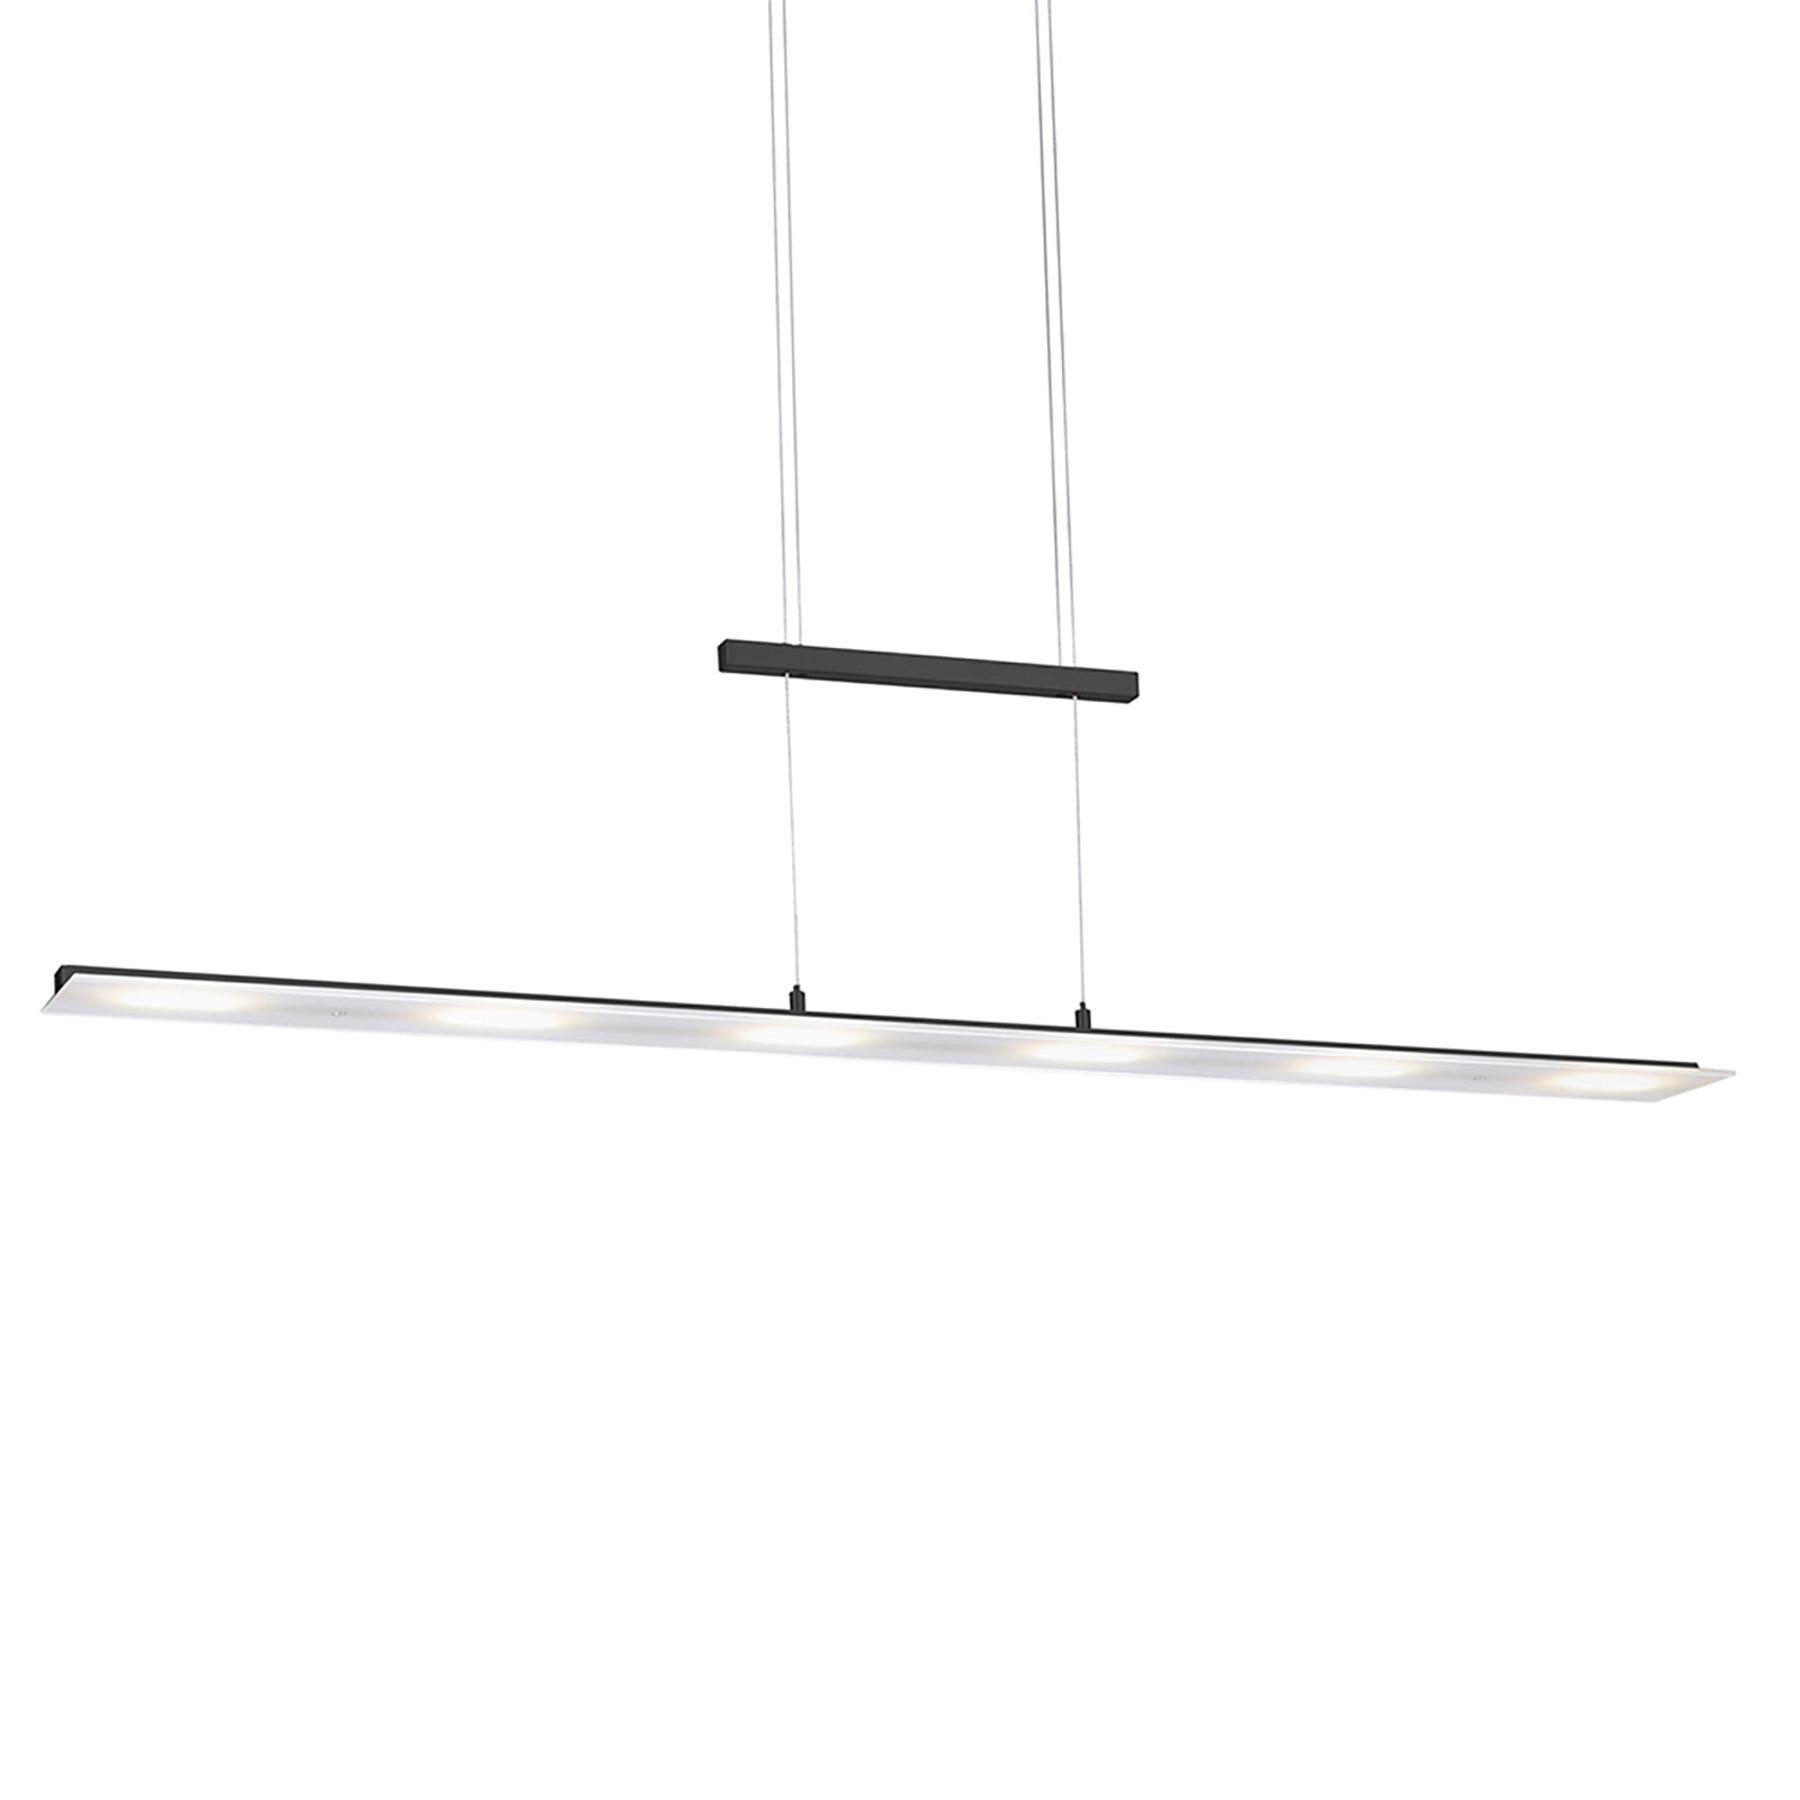 LED hanglamp Nele, sensorschakelaar, antraciet